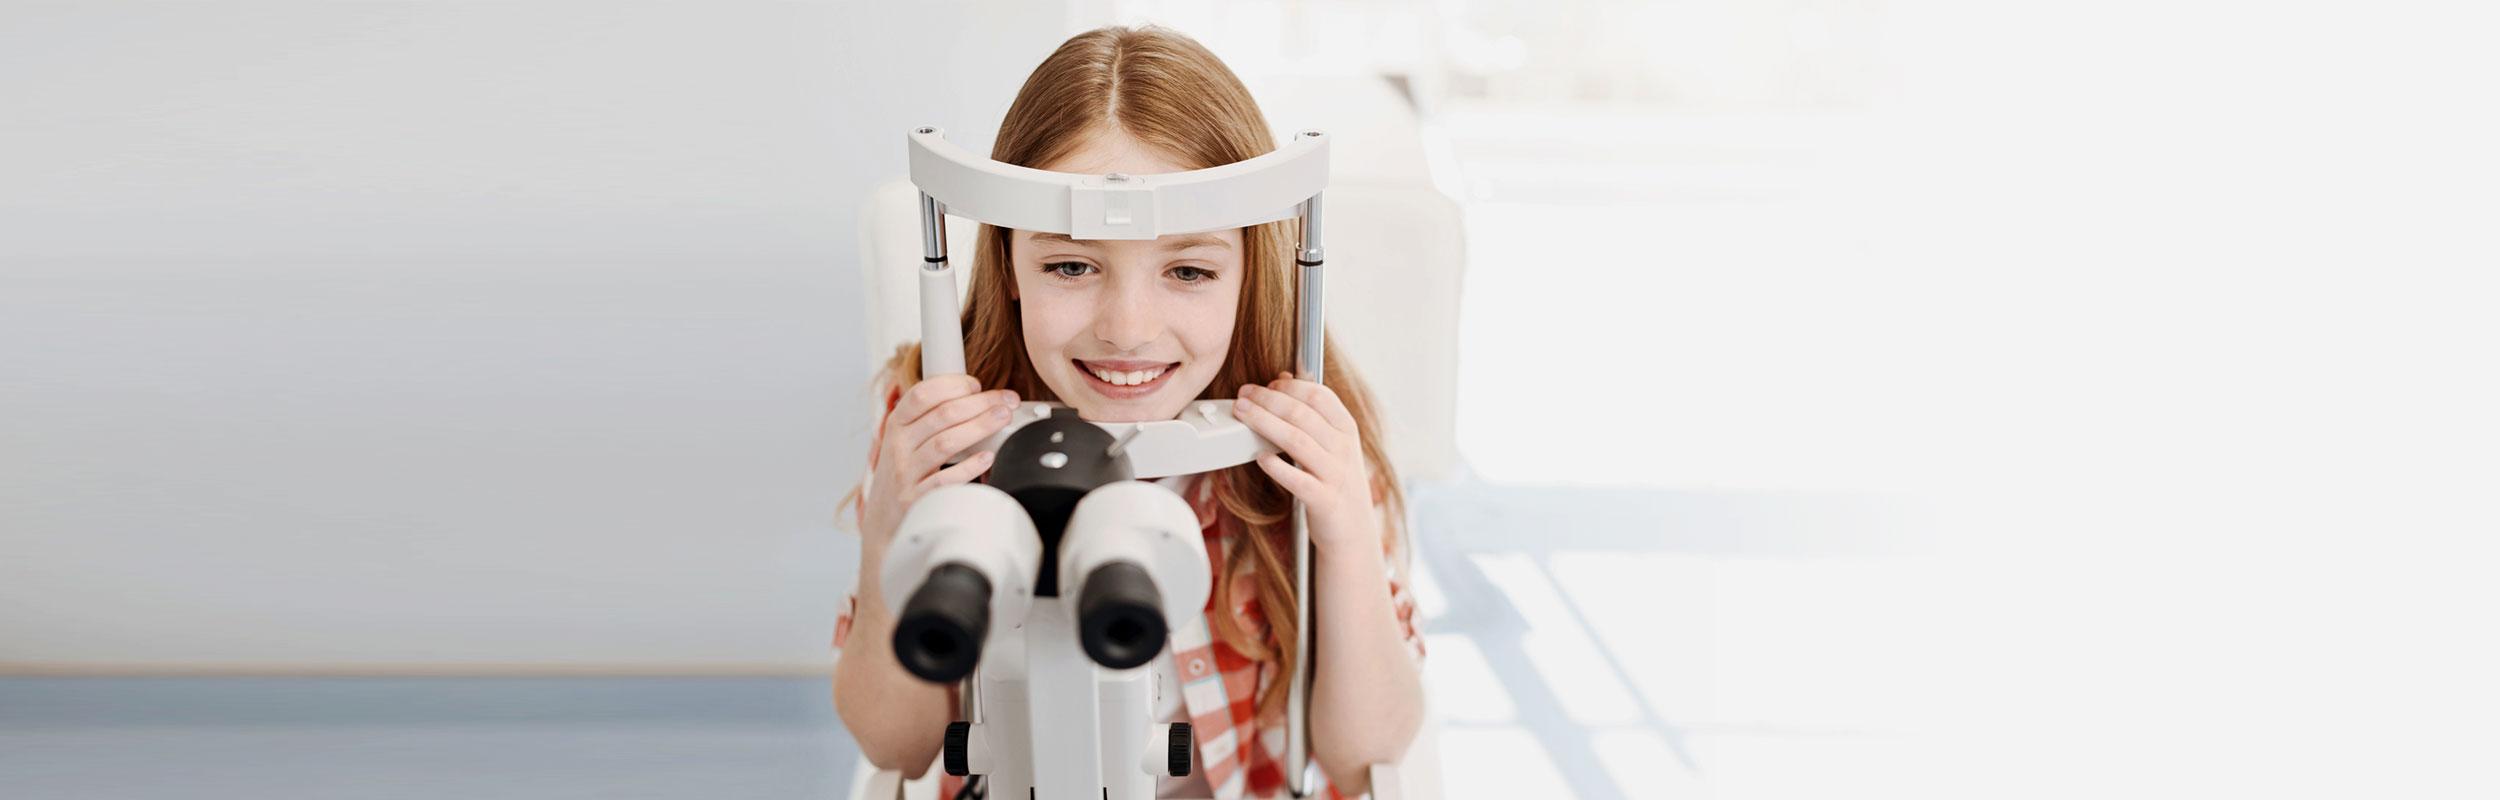 Οφθαλμολογικός Έλεγχος Παιδιών, Θεοδώρα Τσιρούκη, Χειρουργός Οφθαλμίατρος